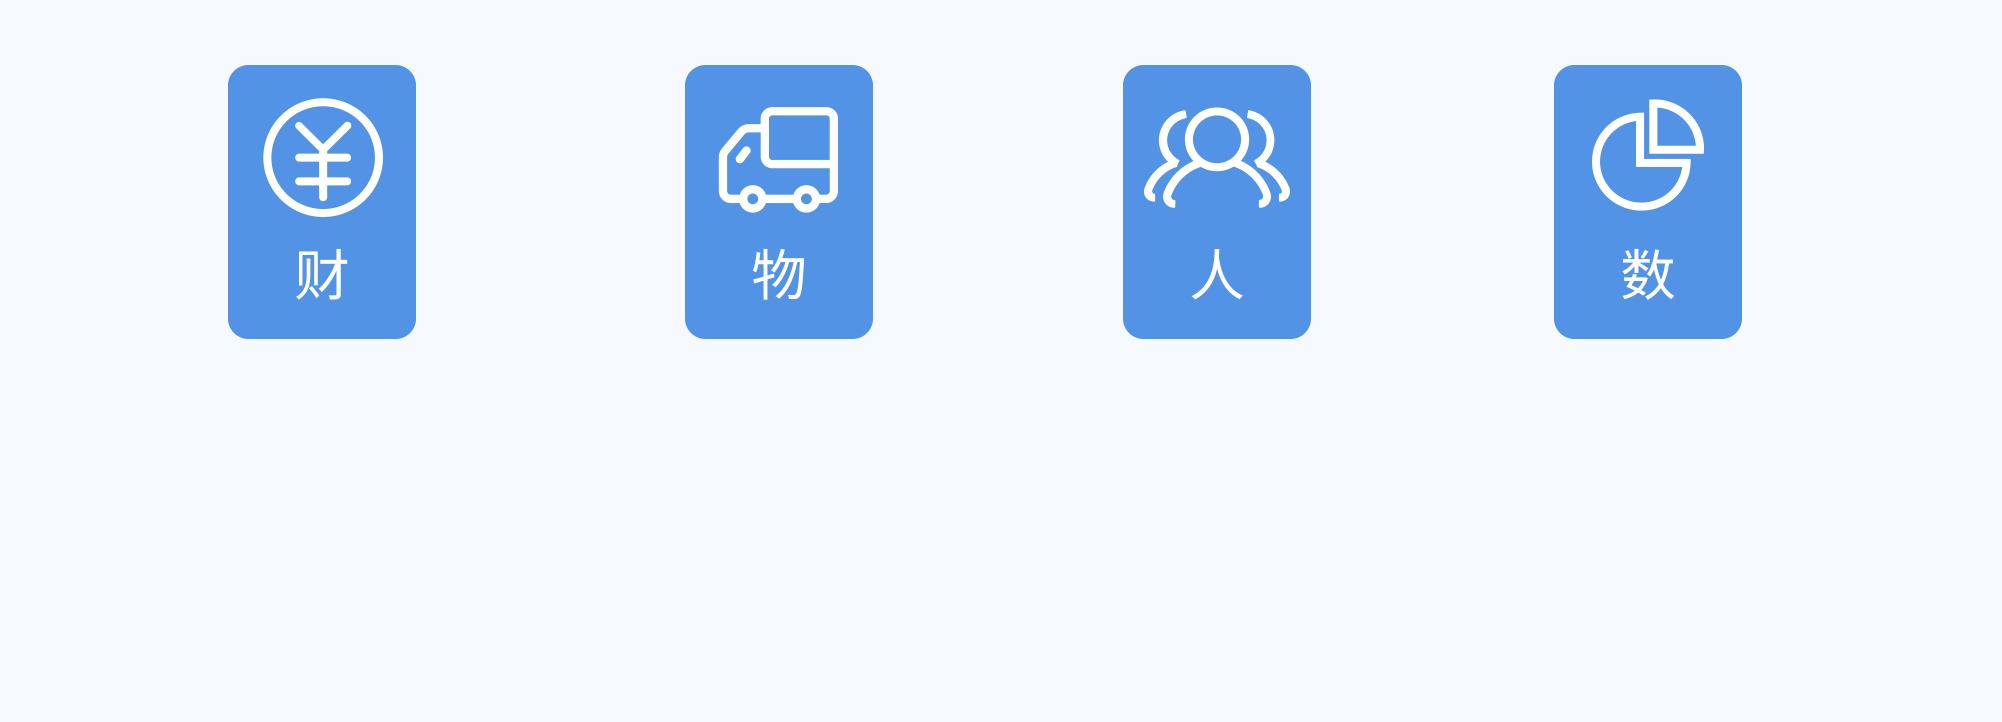 财务绩效考核方案_HRP一体化 - 上海敬在信息技术有限公司